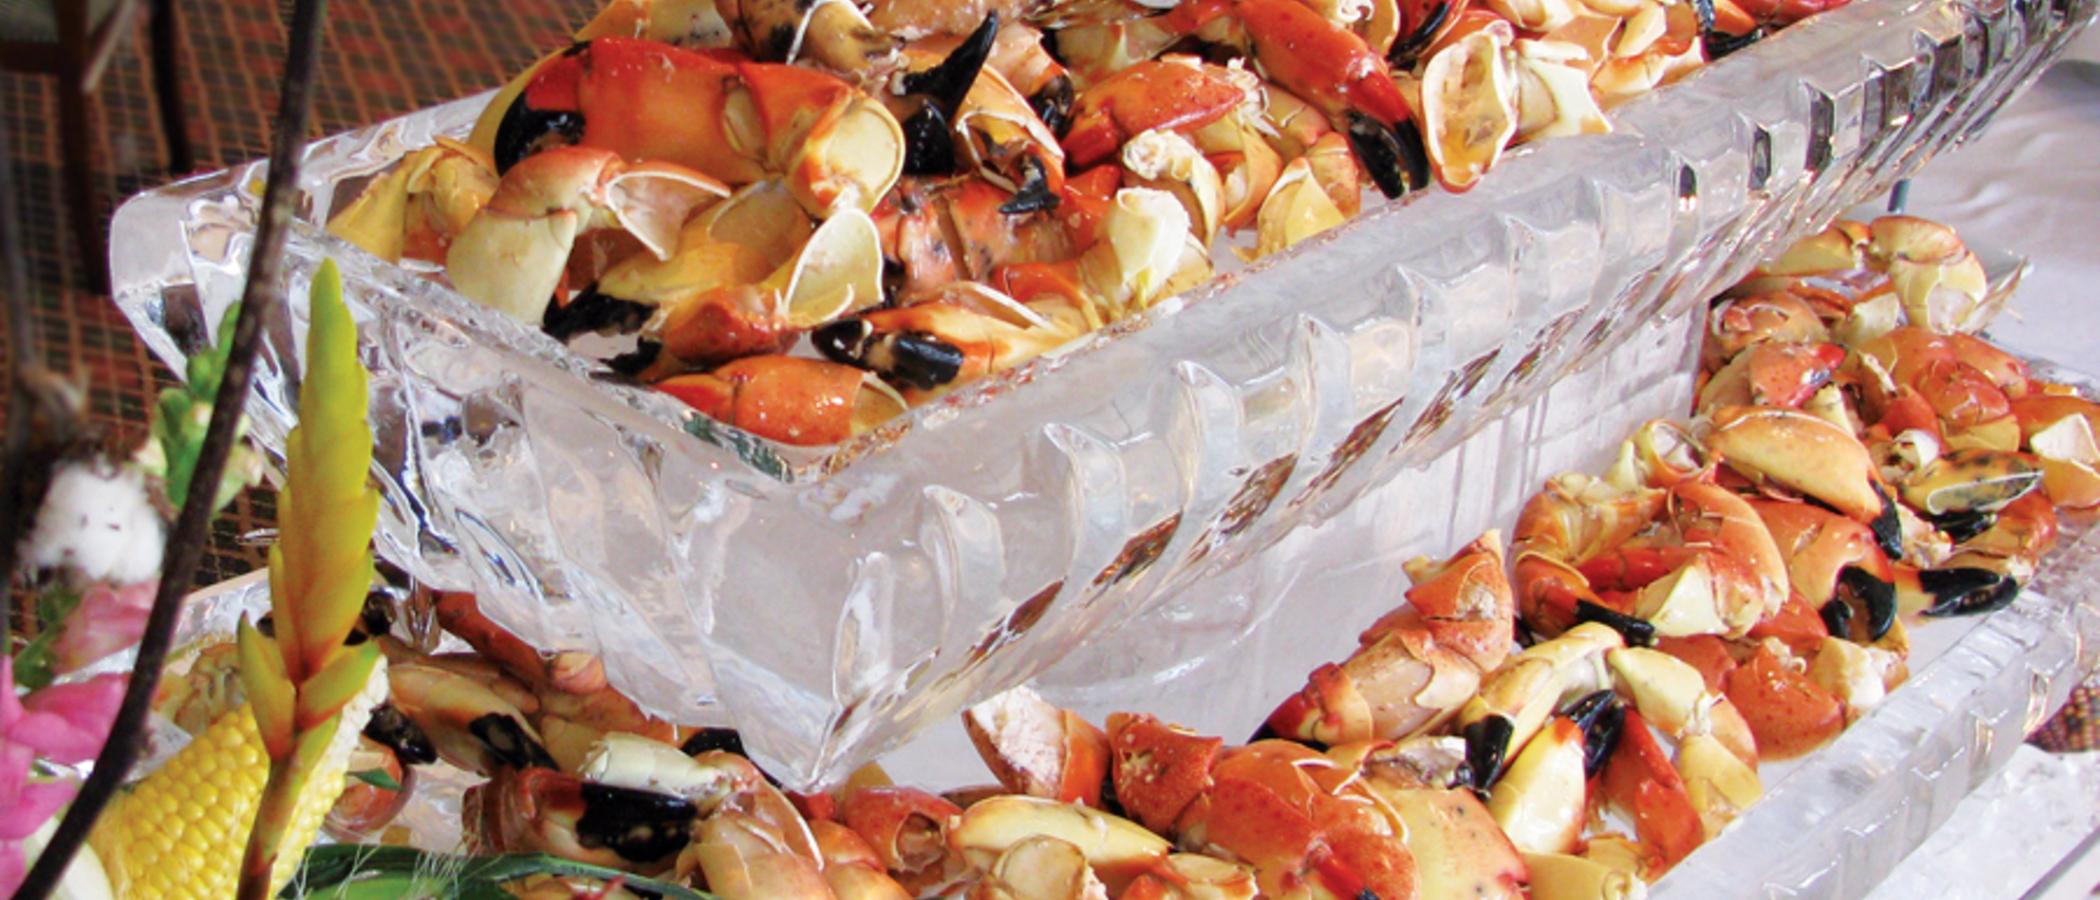 Enjoy Delicious Crab At John's Island